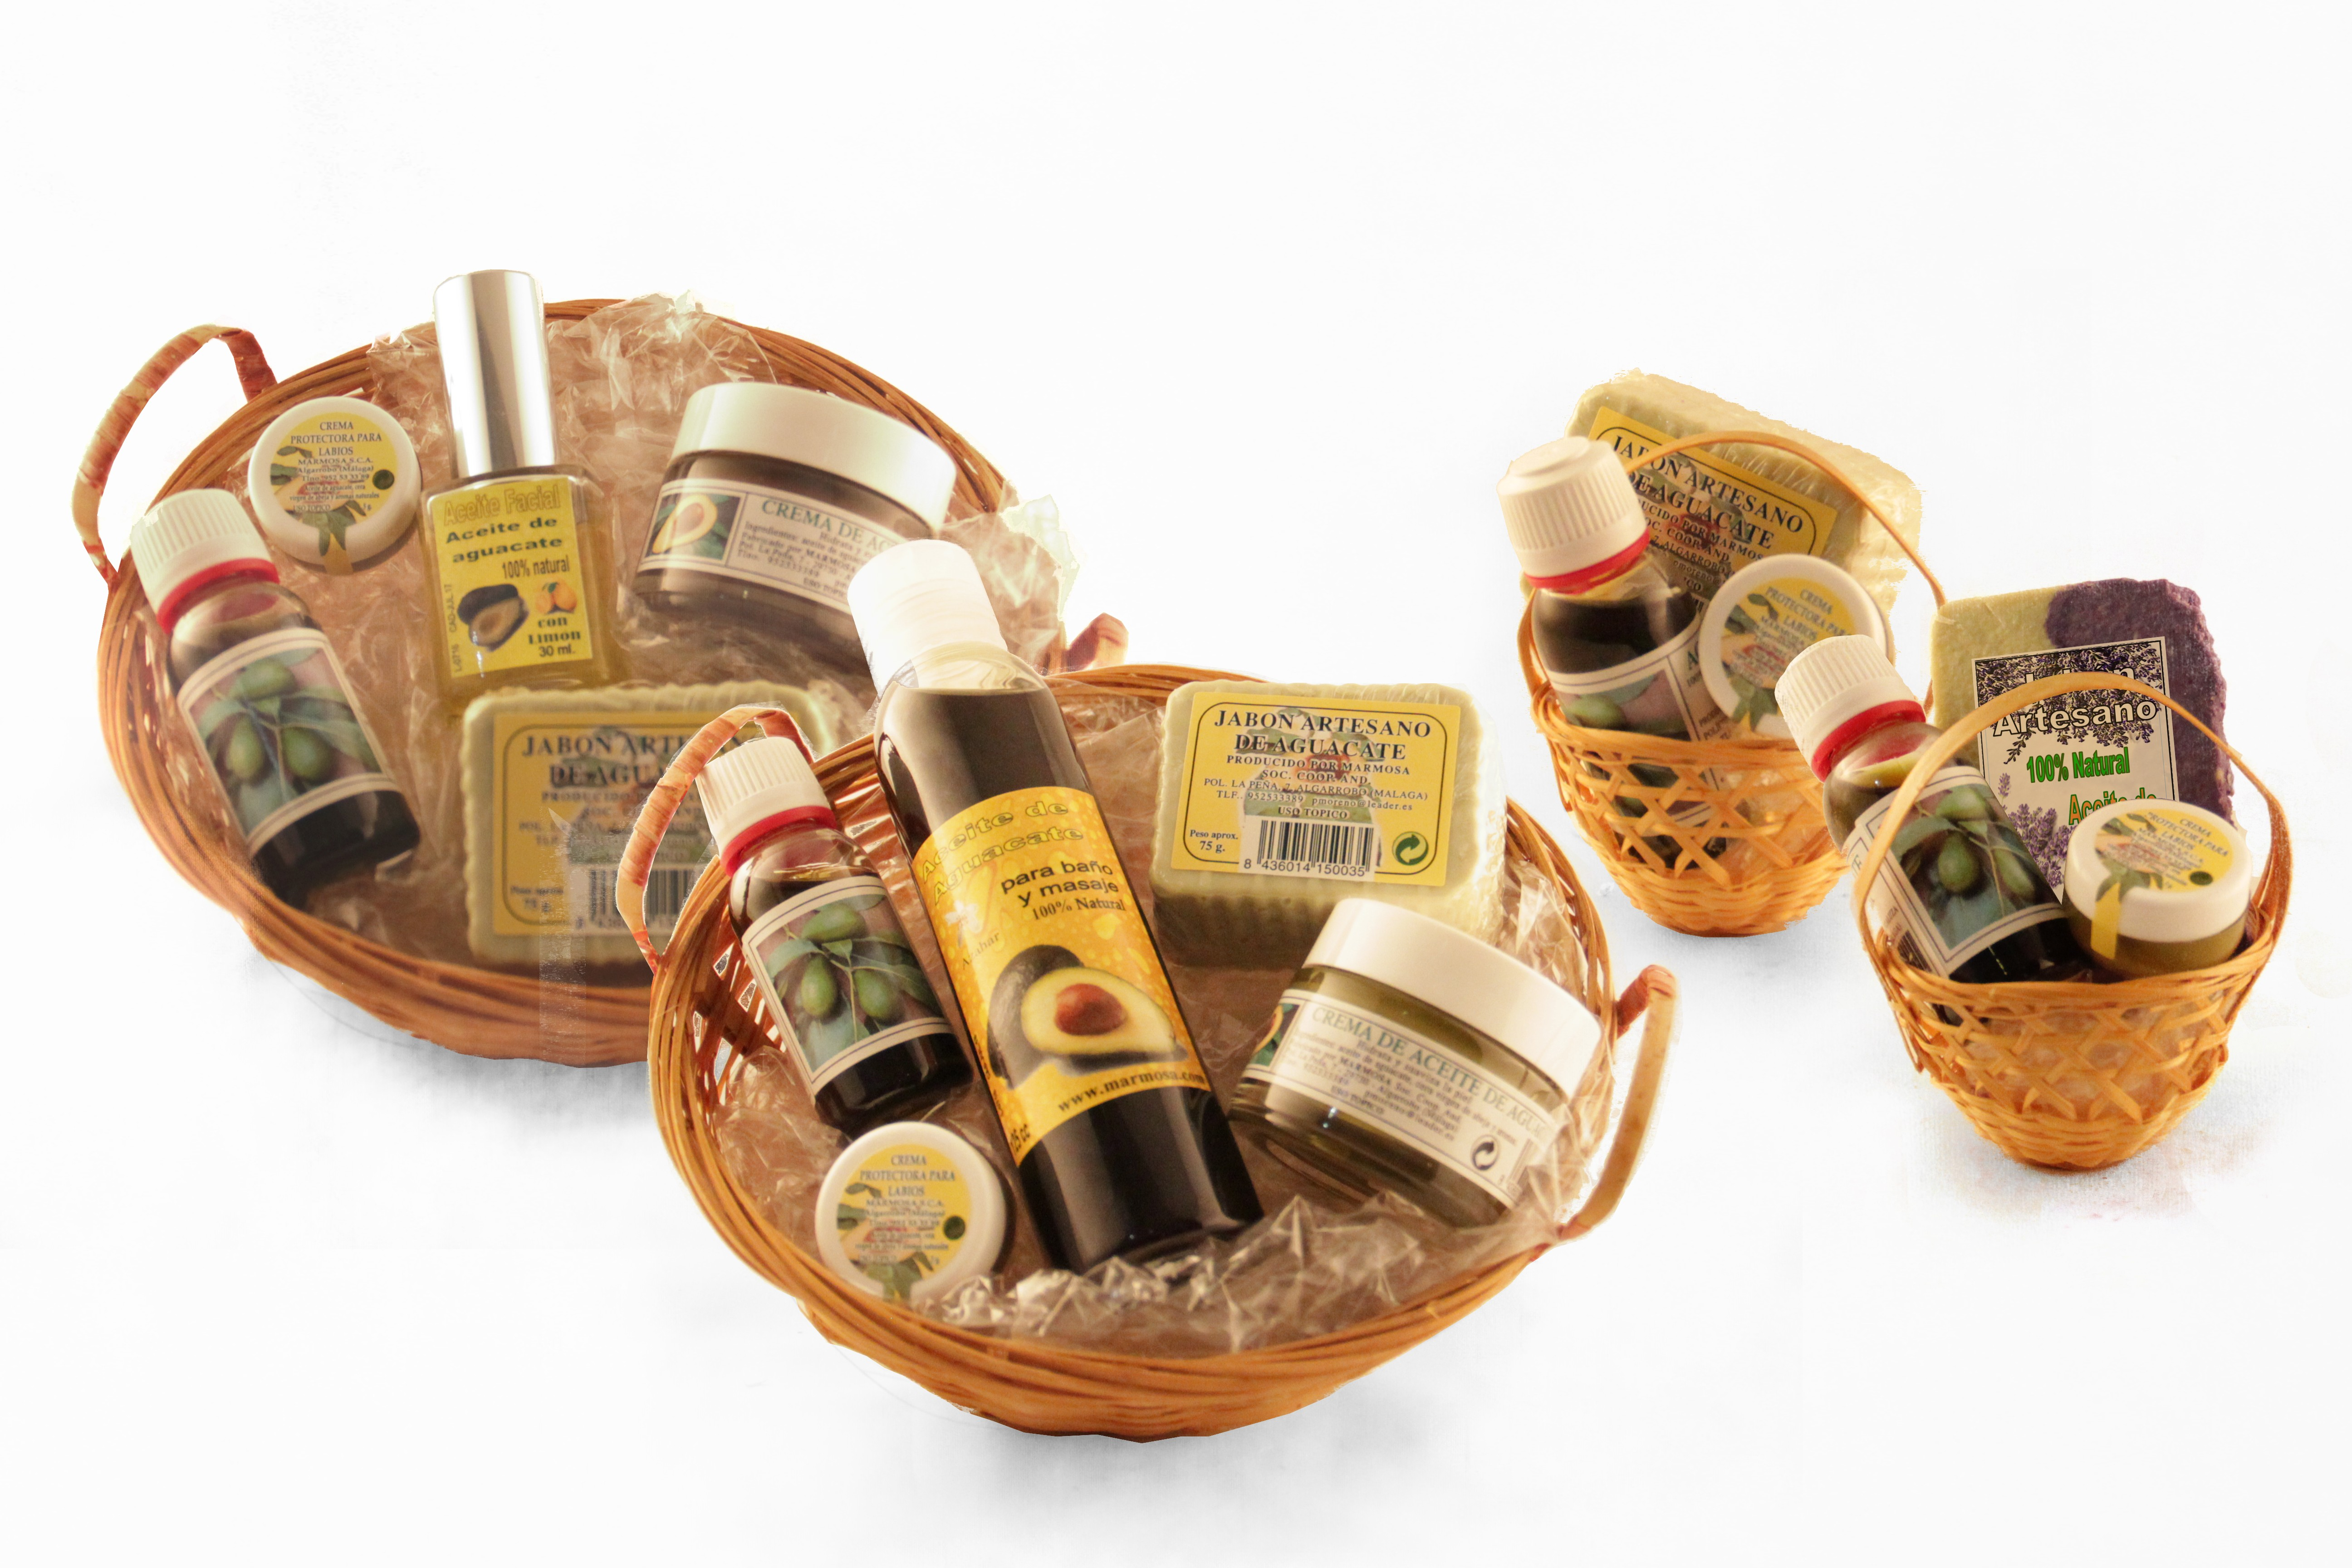 Pack de productos ¡Un regalo perfecto!